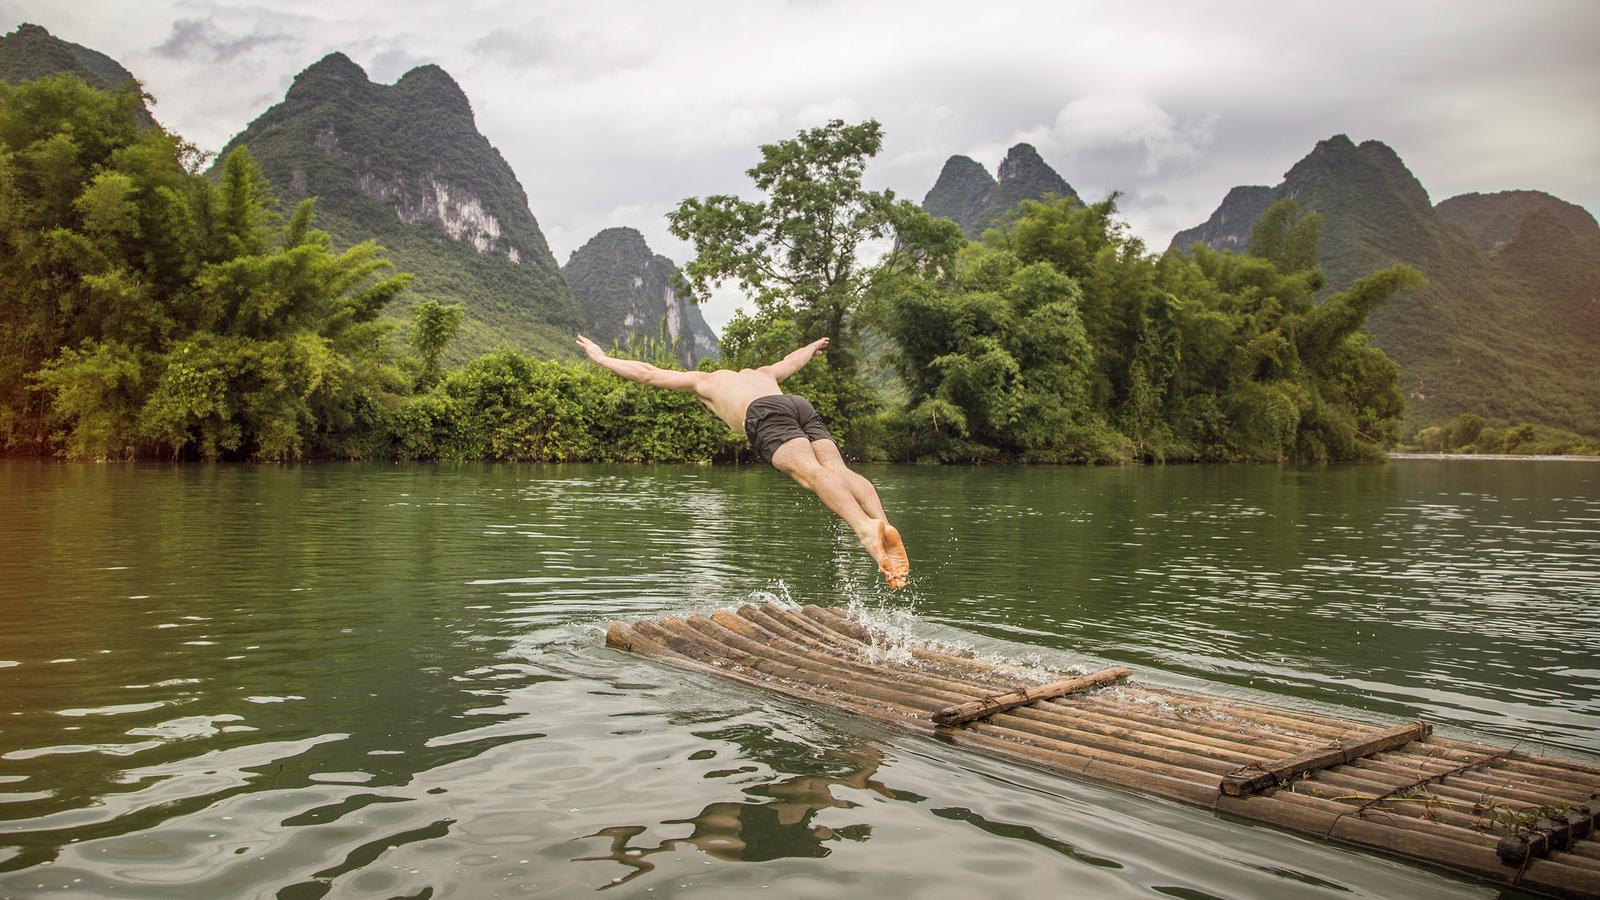 Yangshuo China Reise für junge Leute in der Gruppe traveljunkies